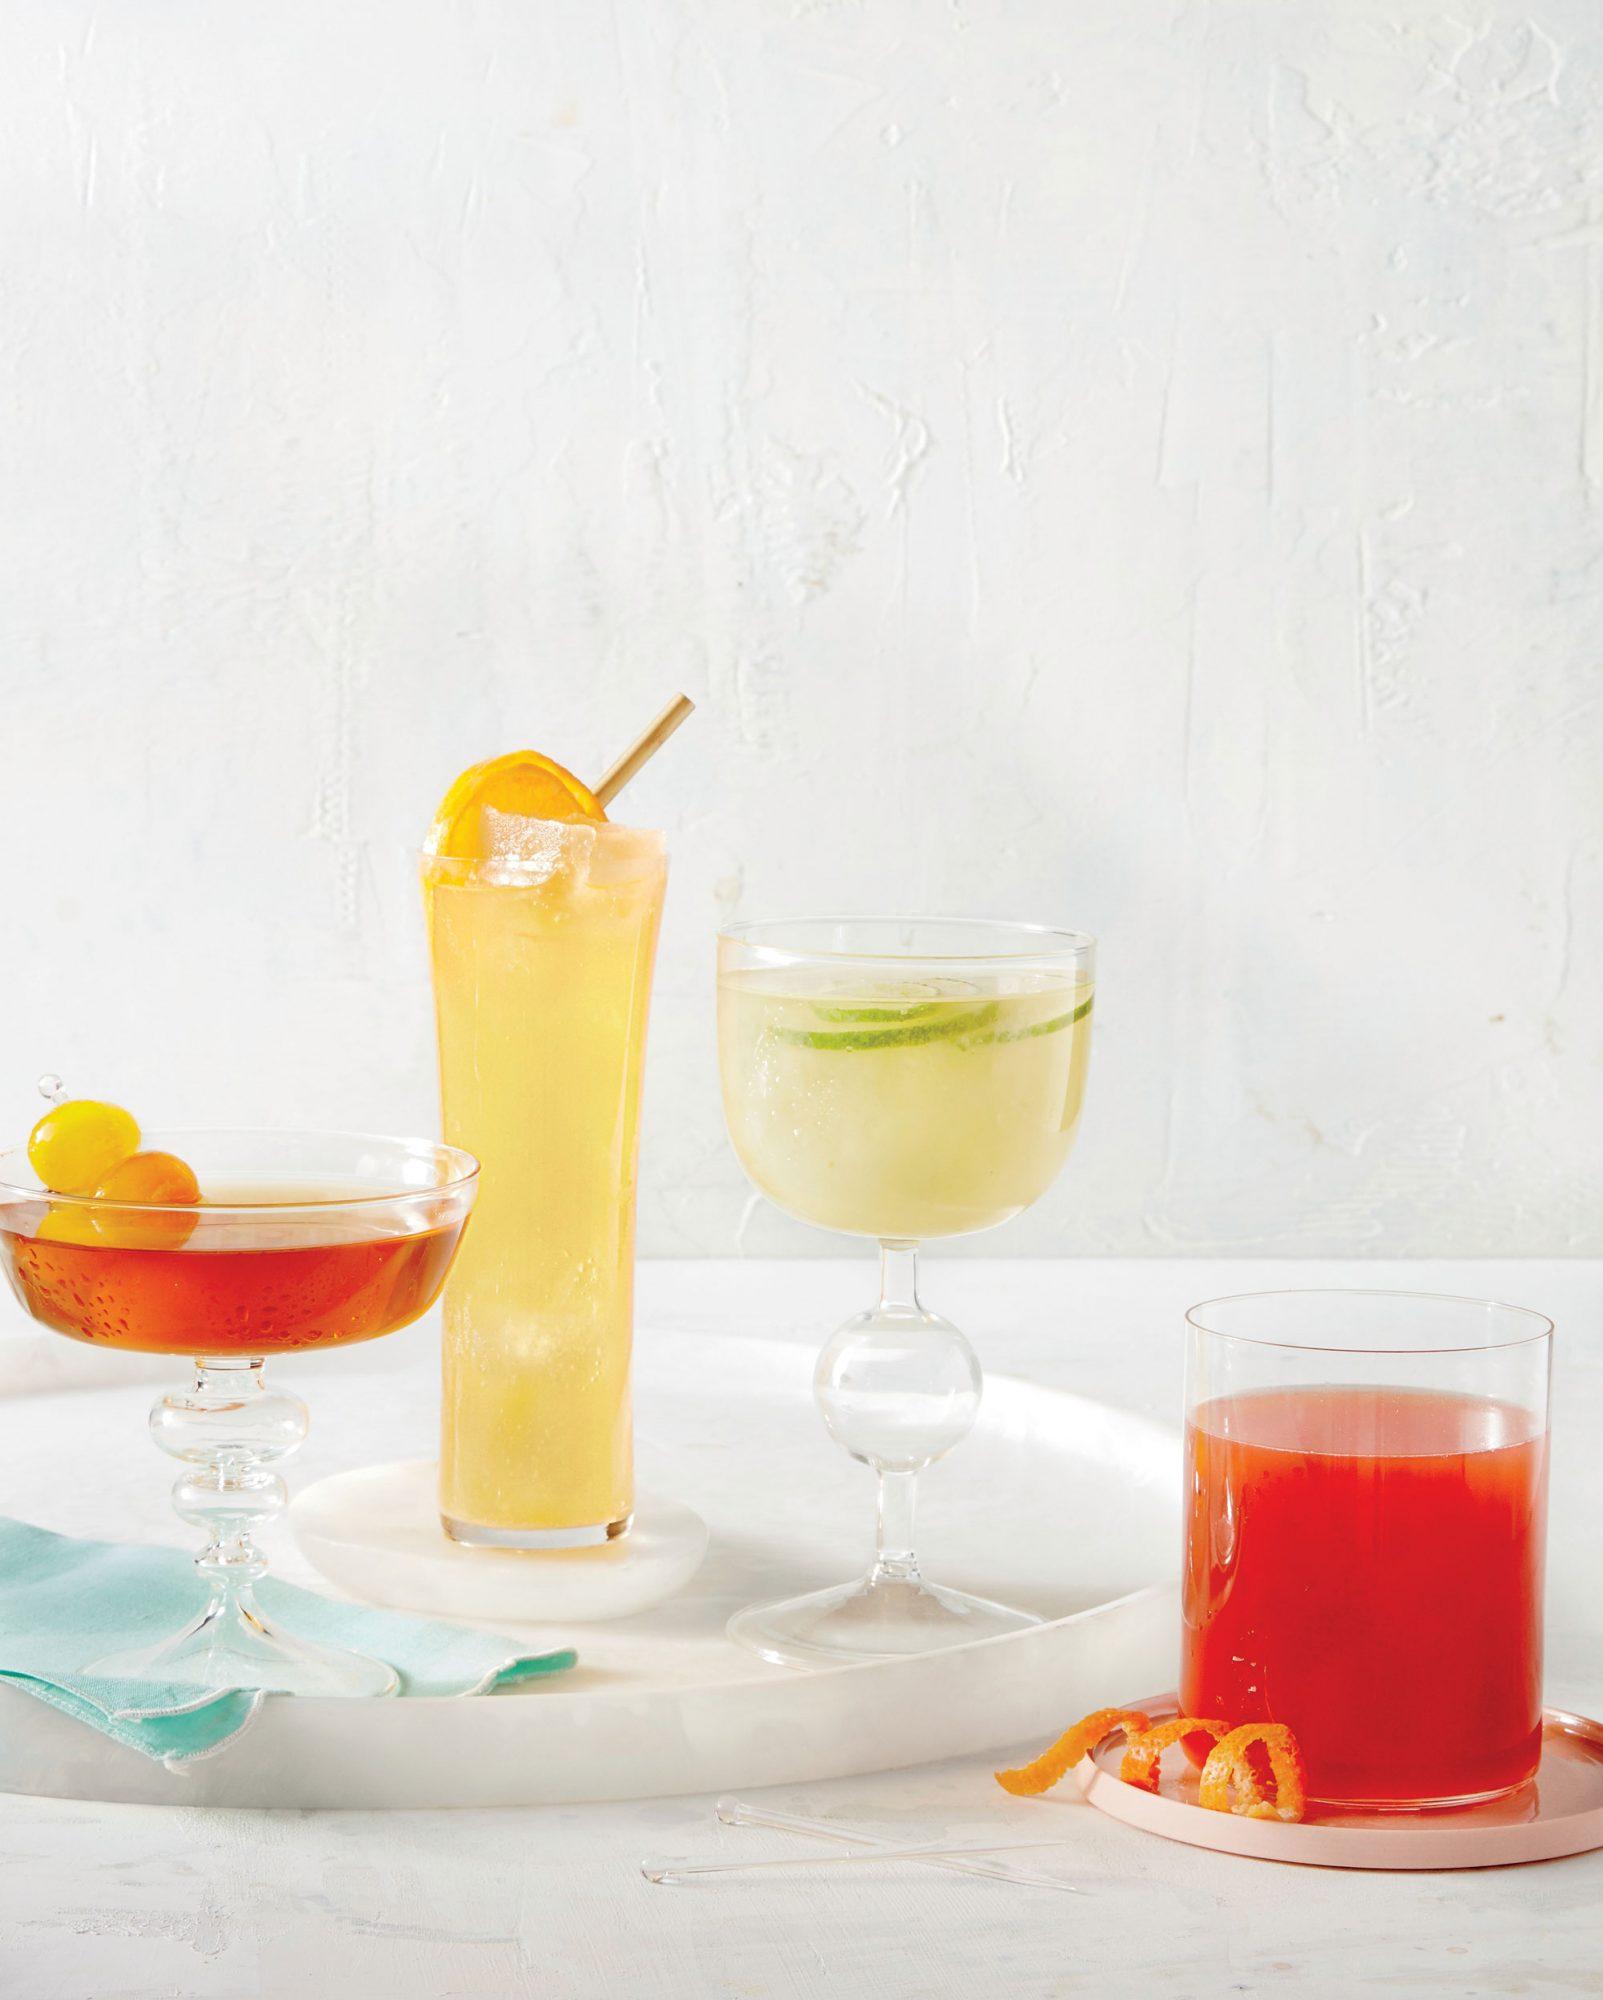 Tangerine-Elderflower Spritzer with Champagne Ice Cubes image